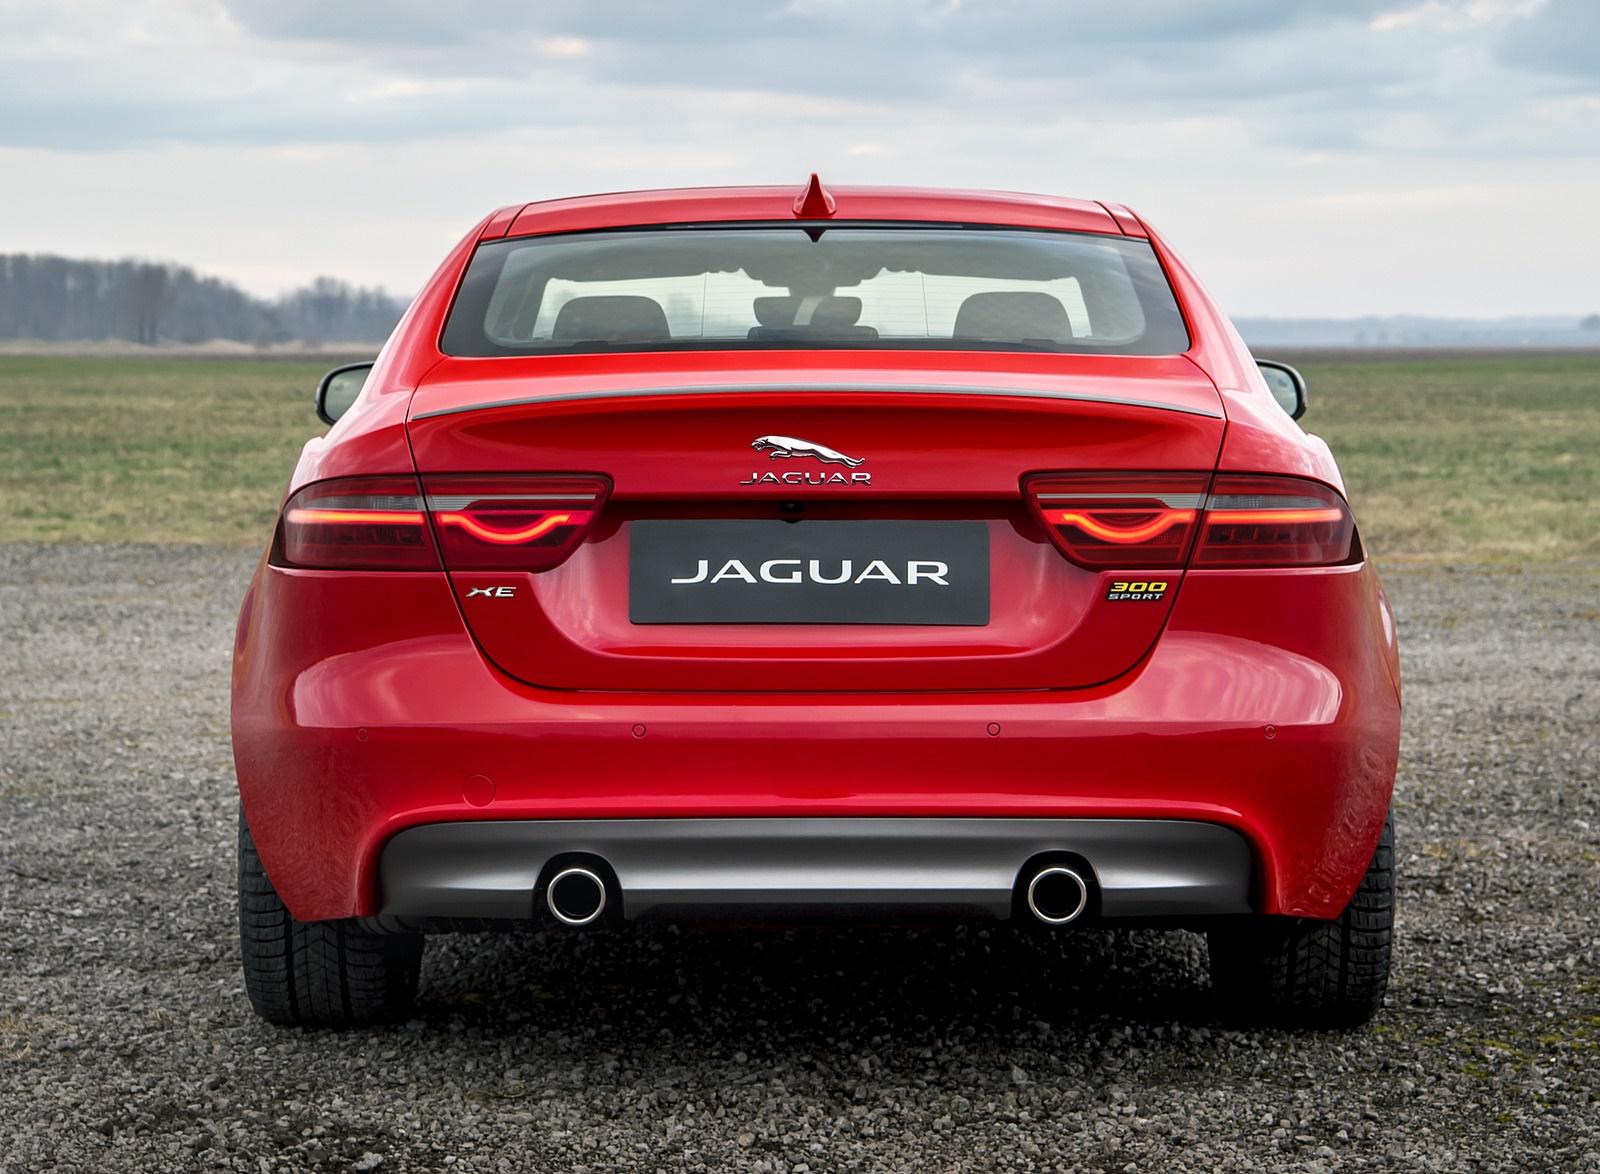 2019 Jaguar XE 300 SPORT Rear Wallpaper (8)